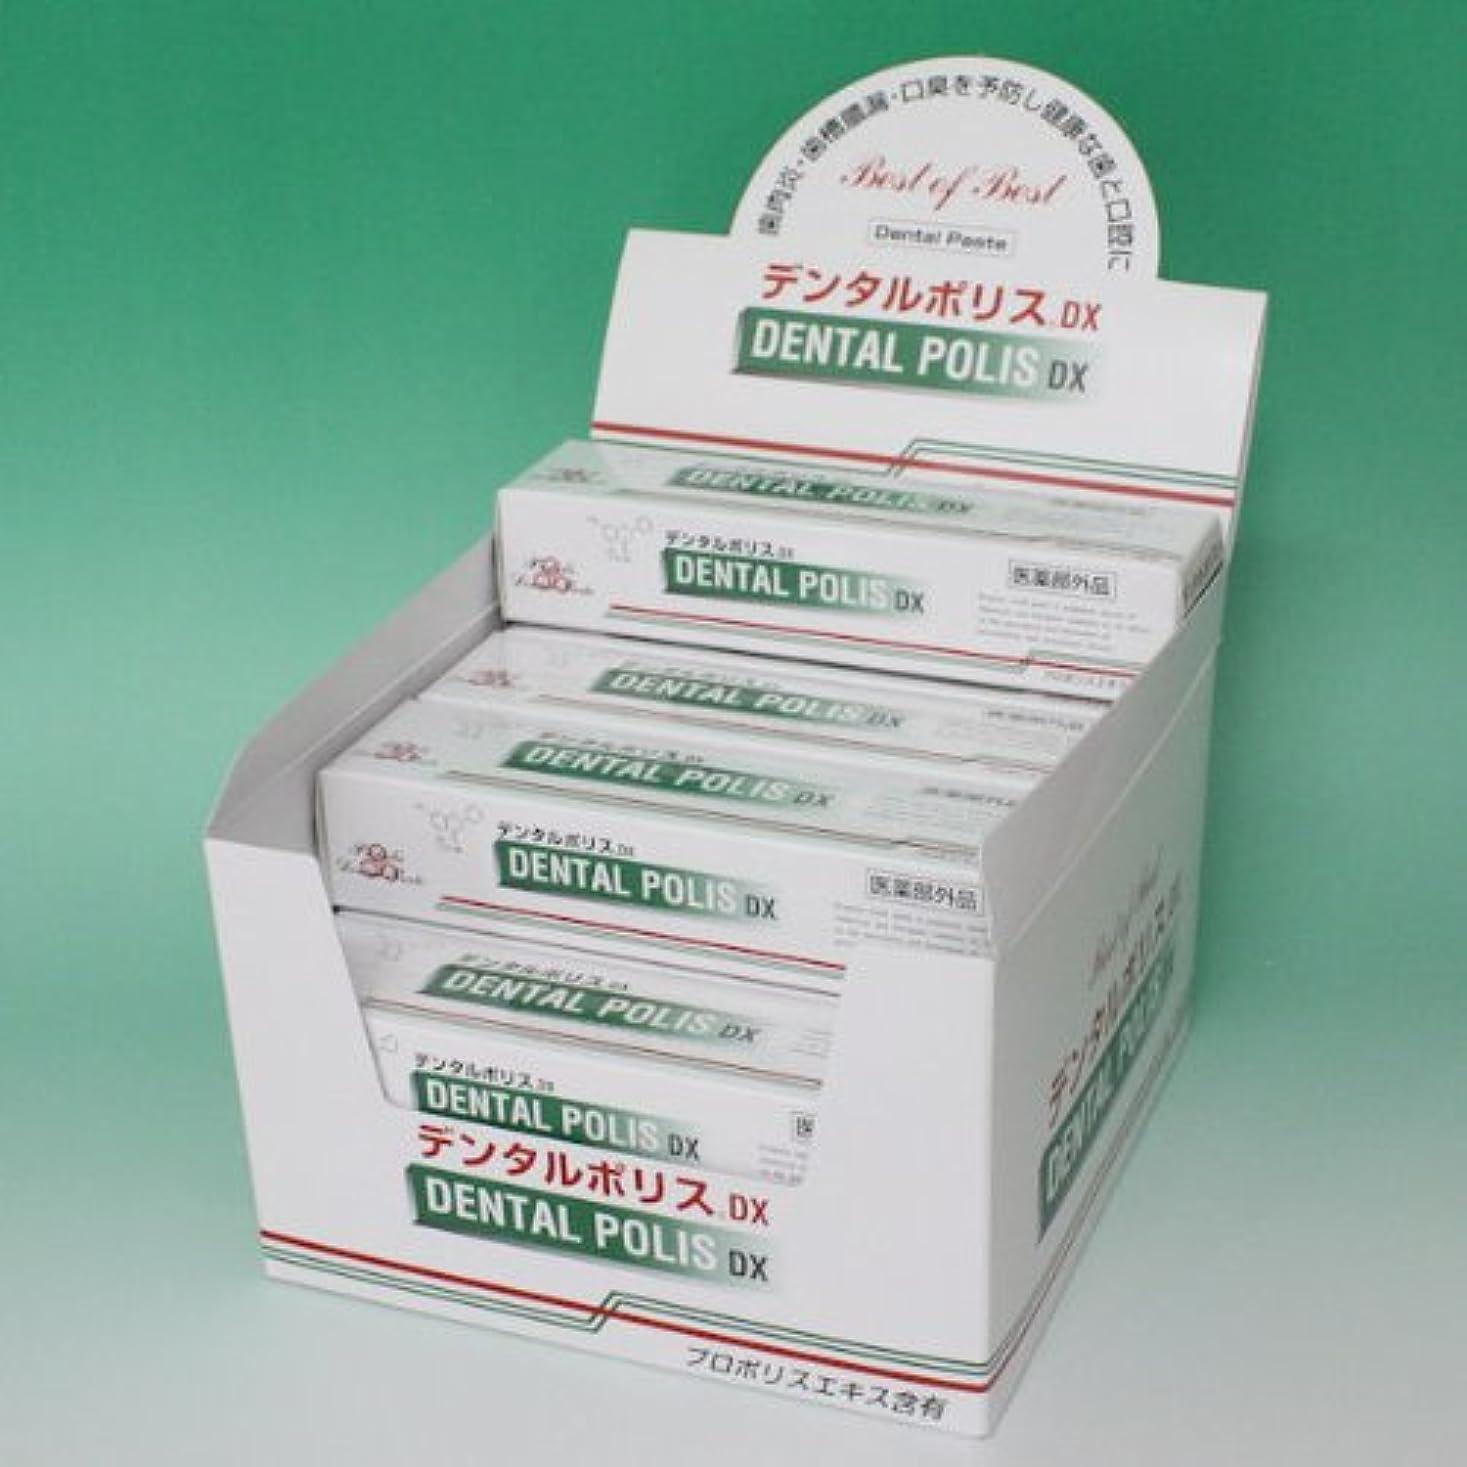 エトナ山ウイルス雄弁家デンタルポリスDX 80g  12本セット 医薬部外品  歯みがき 8gサンプル2本 進呈!